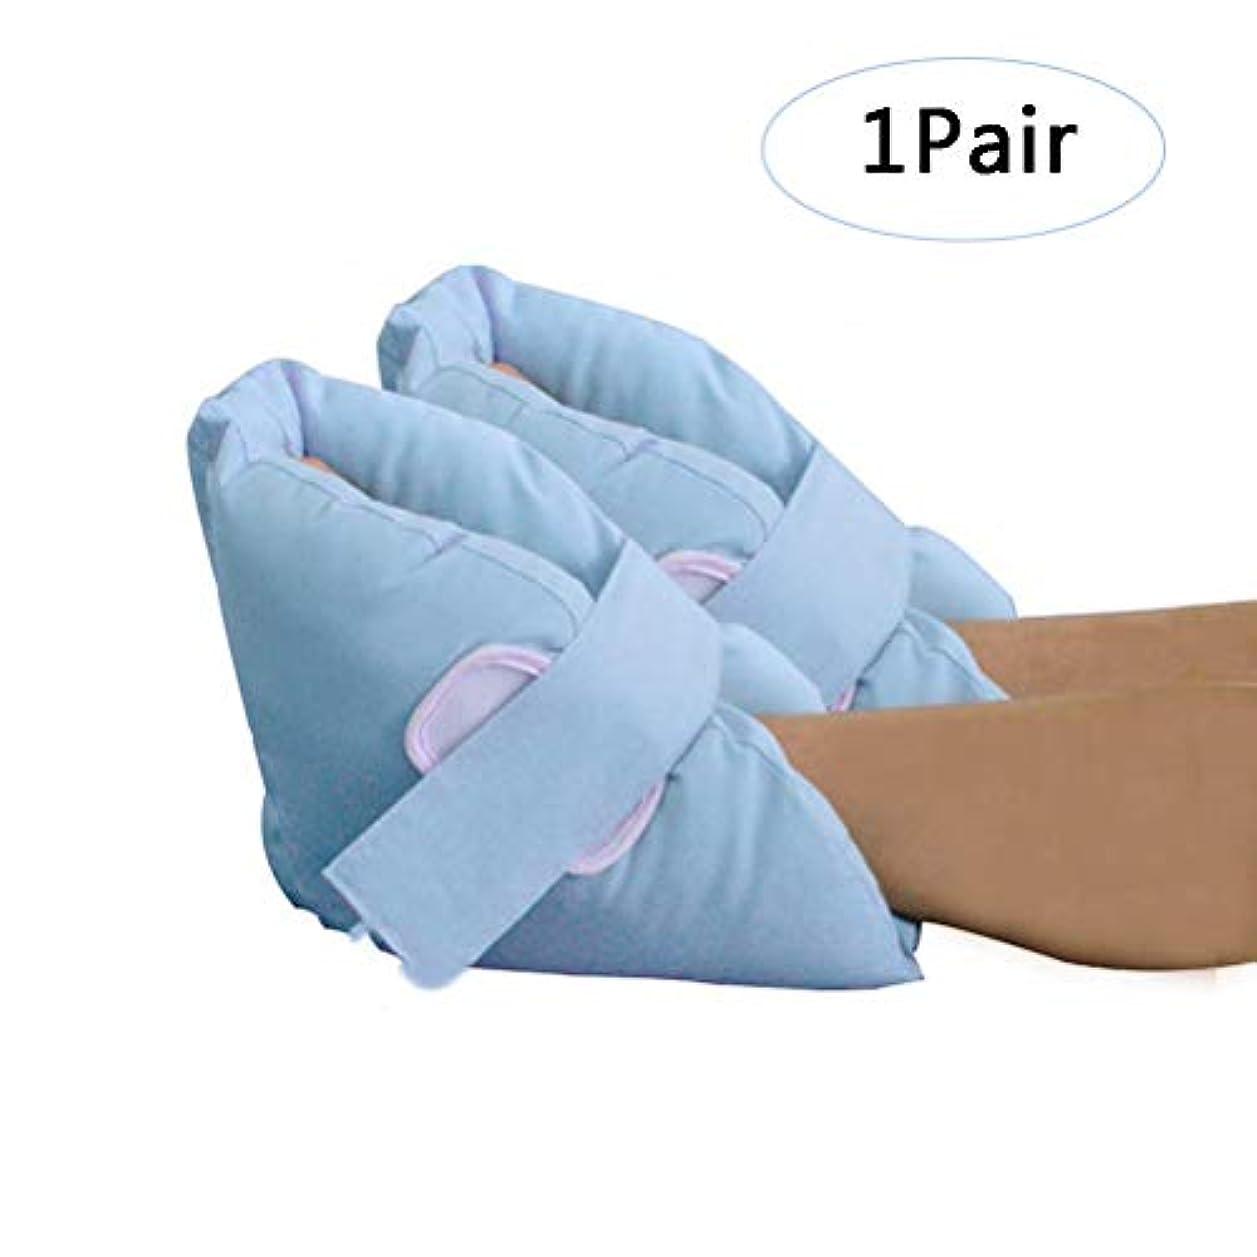 強制的手段昇進ブートヒールプロテクタークッション-潰瘍とPressure瘡から足とかかとを保護-床の痛みと負傷の軽減-クッションギフトとして良い